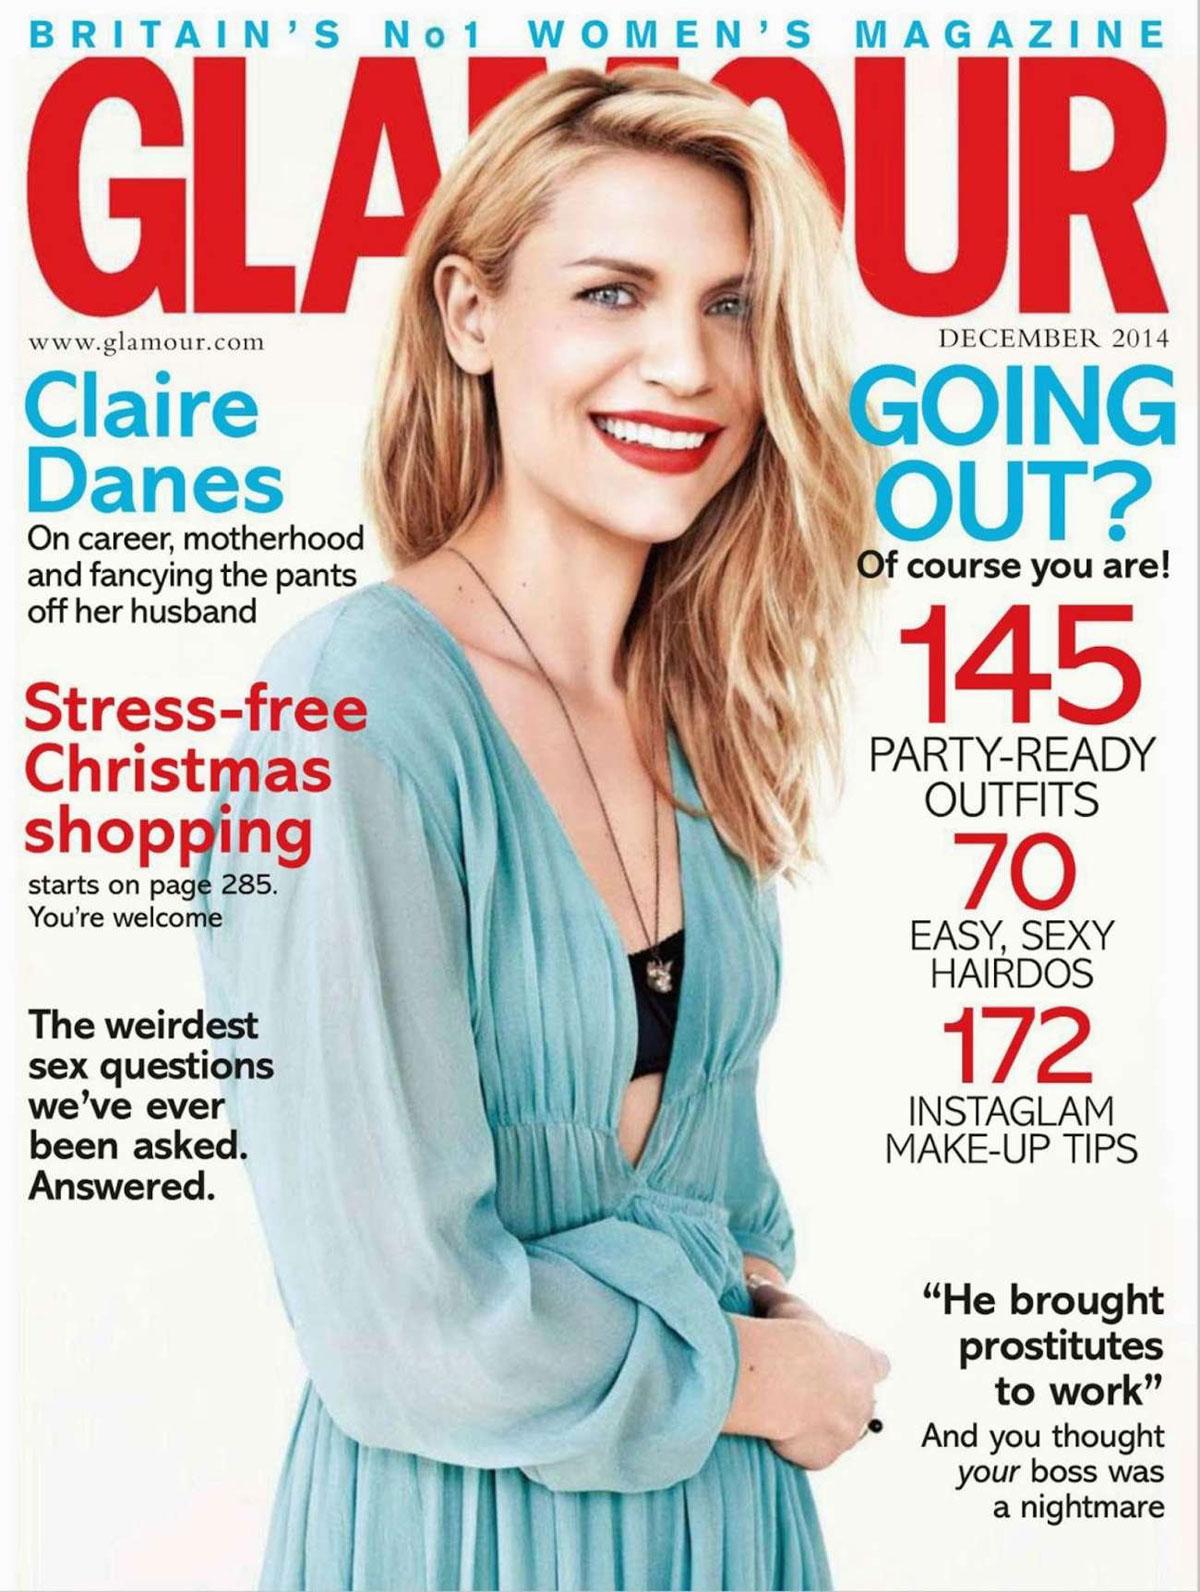 VICTORIA BECKHAM in Glamour Magazine, UK Autumn/Winter